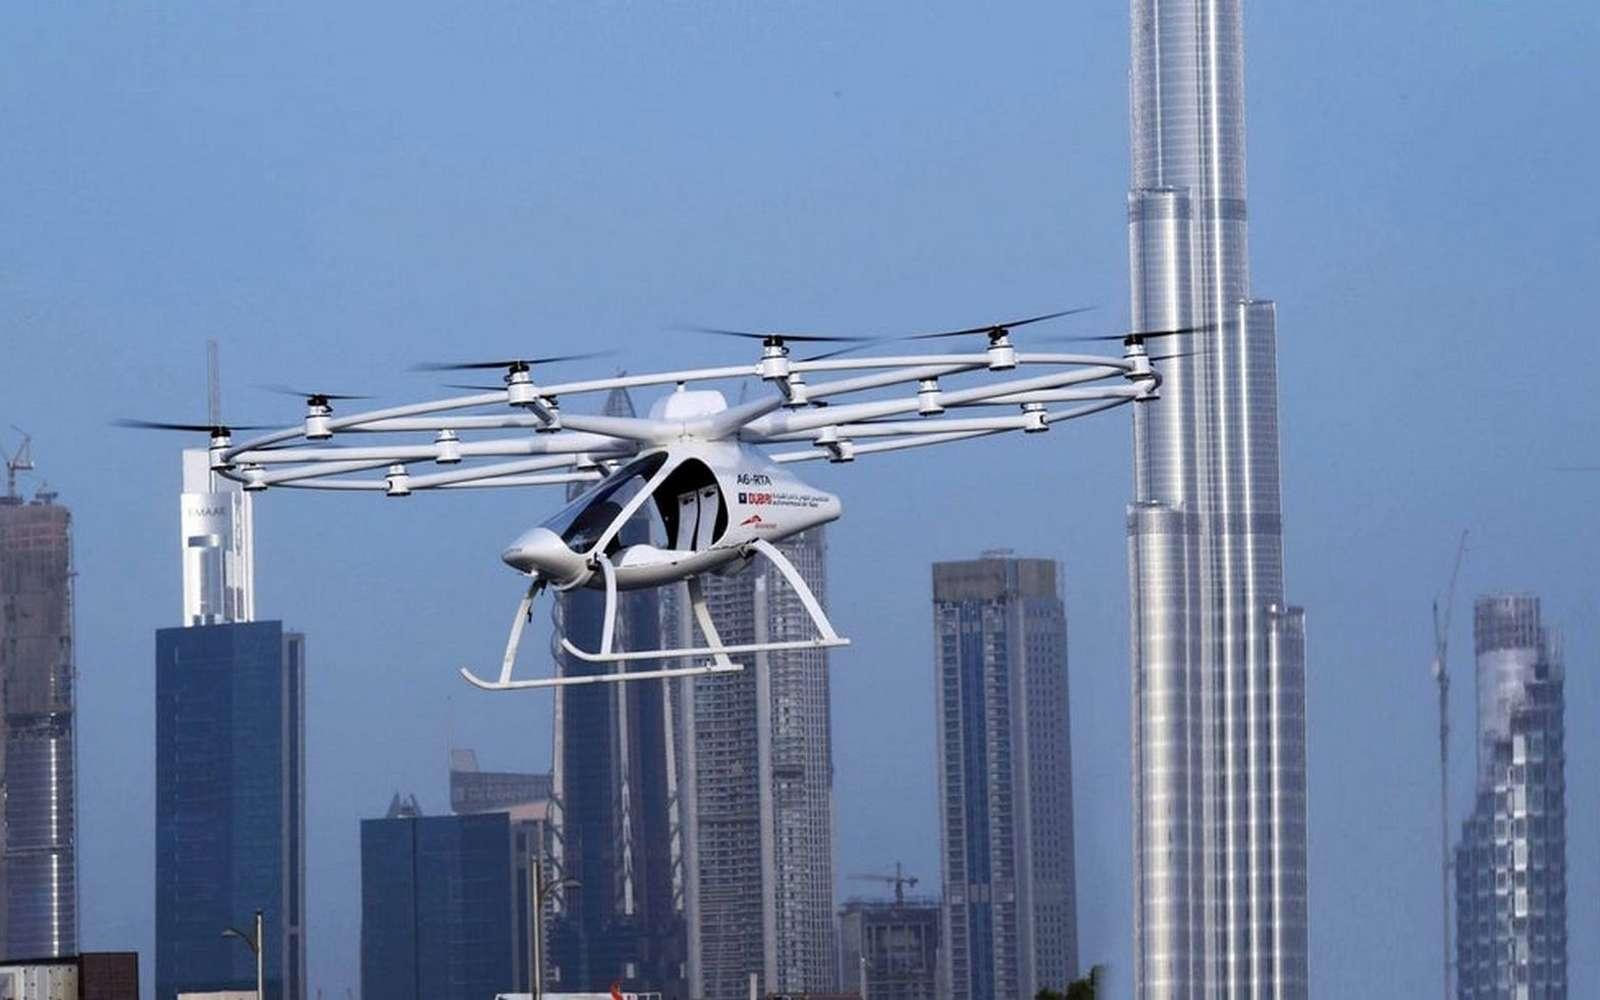 Découvrez les 8 projets les plus avancés de drones taxis. Ici, le Volocopter (rebaptisé Autonomous Air Taxi par les autorités dubaïotes) lors de son vol inaugural au-dessus de la ville du Dubaï. © Government of Dubai